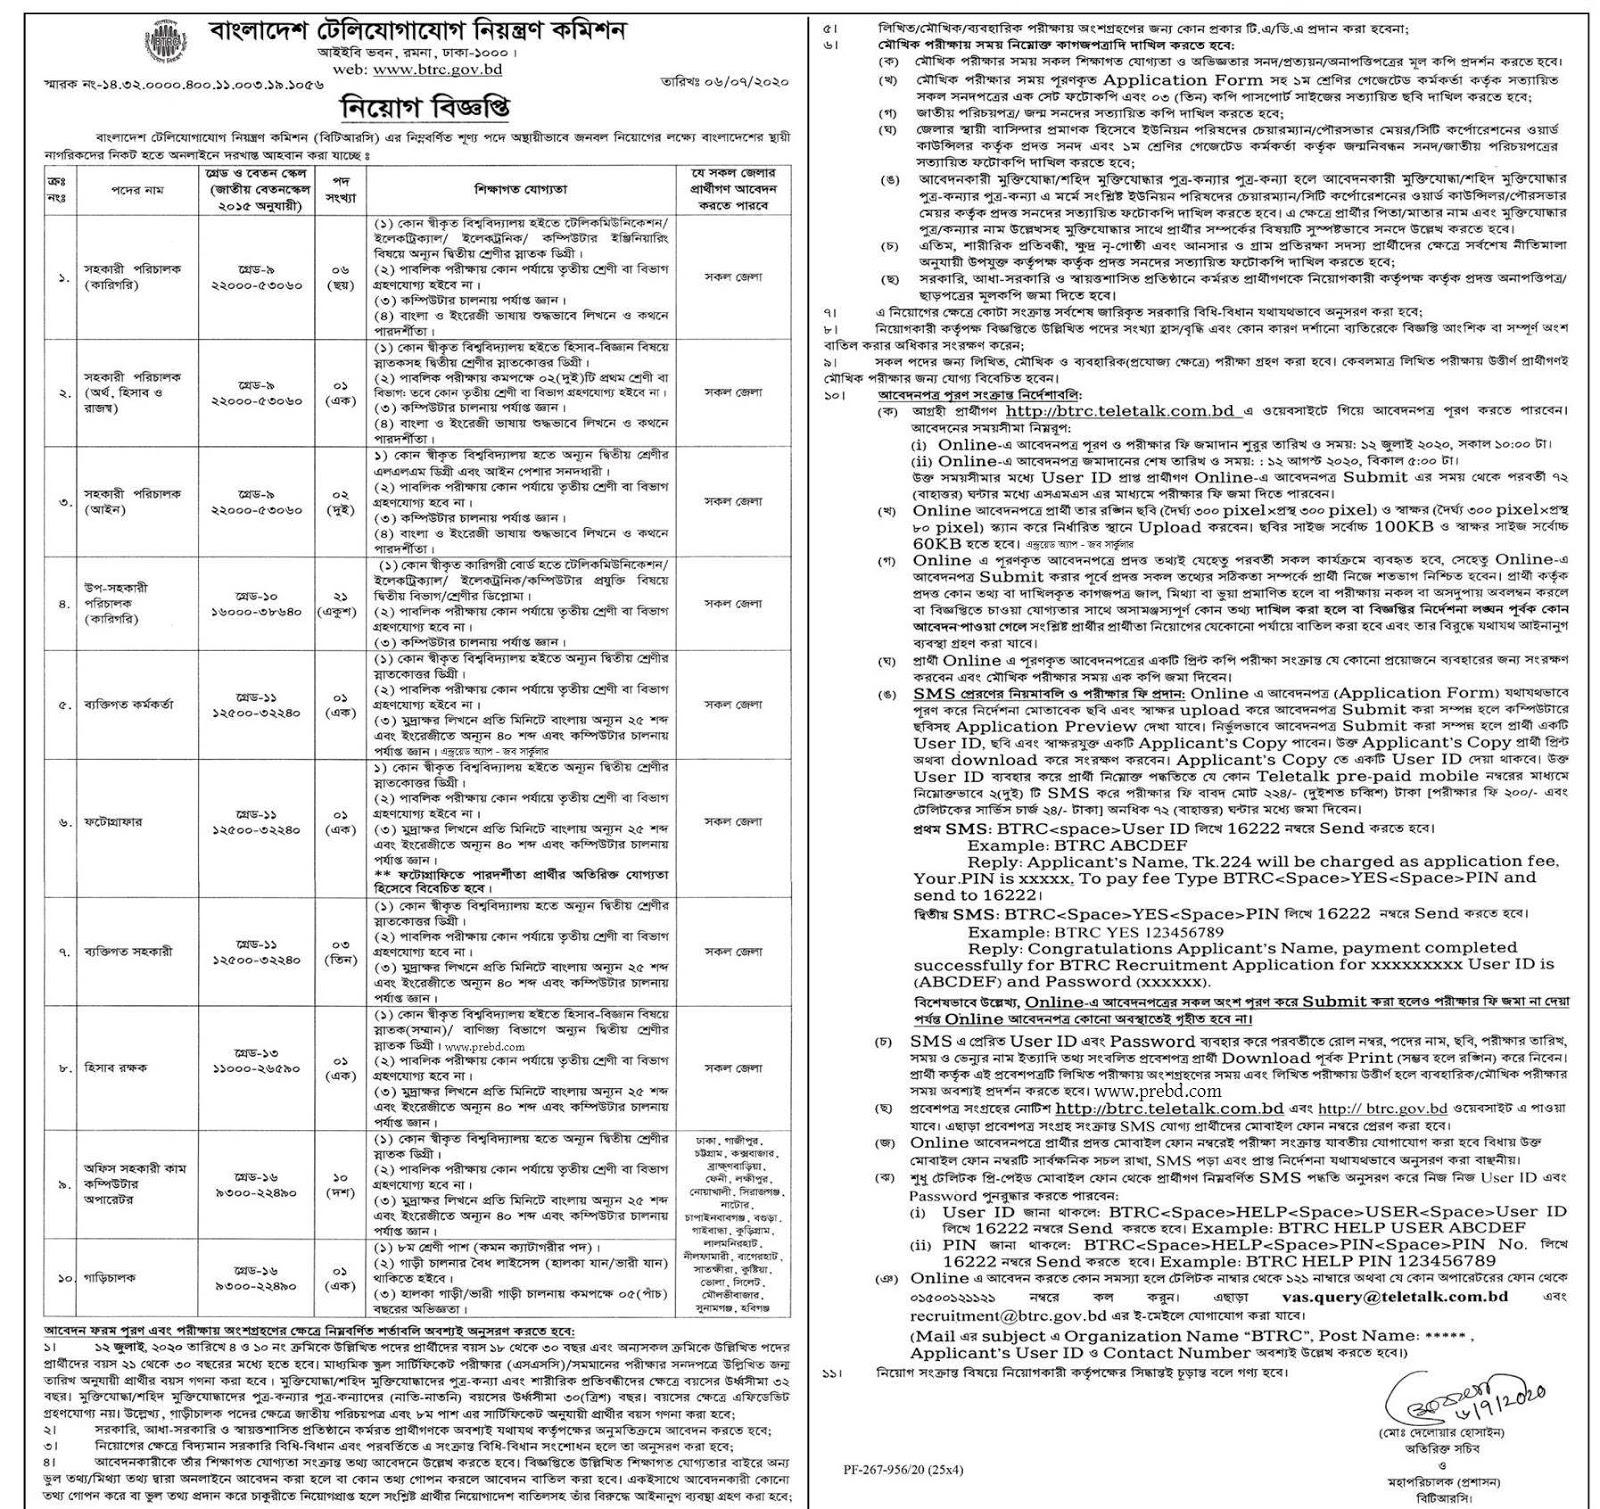 বাংলাদেশ টেলিযোগাযোগ নিয়ন্ত্রণ কমিশন (BTRC) বিজ্ঞপ্তি ২০২০ | বিটিআরসিতে নিয়োগ বিজ্ঞপ্তি ২০২০